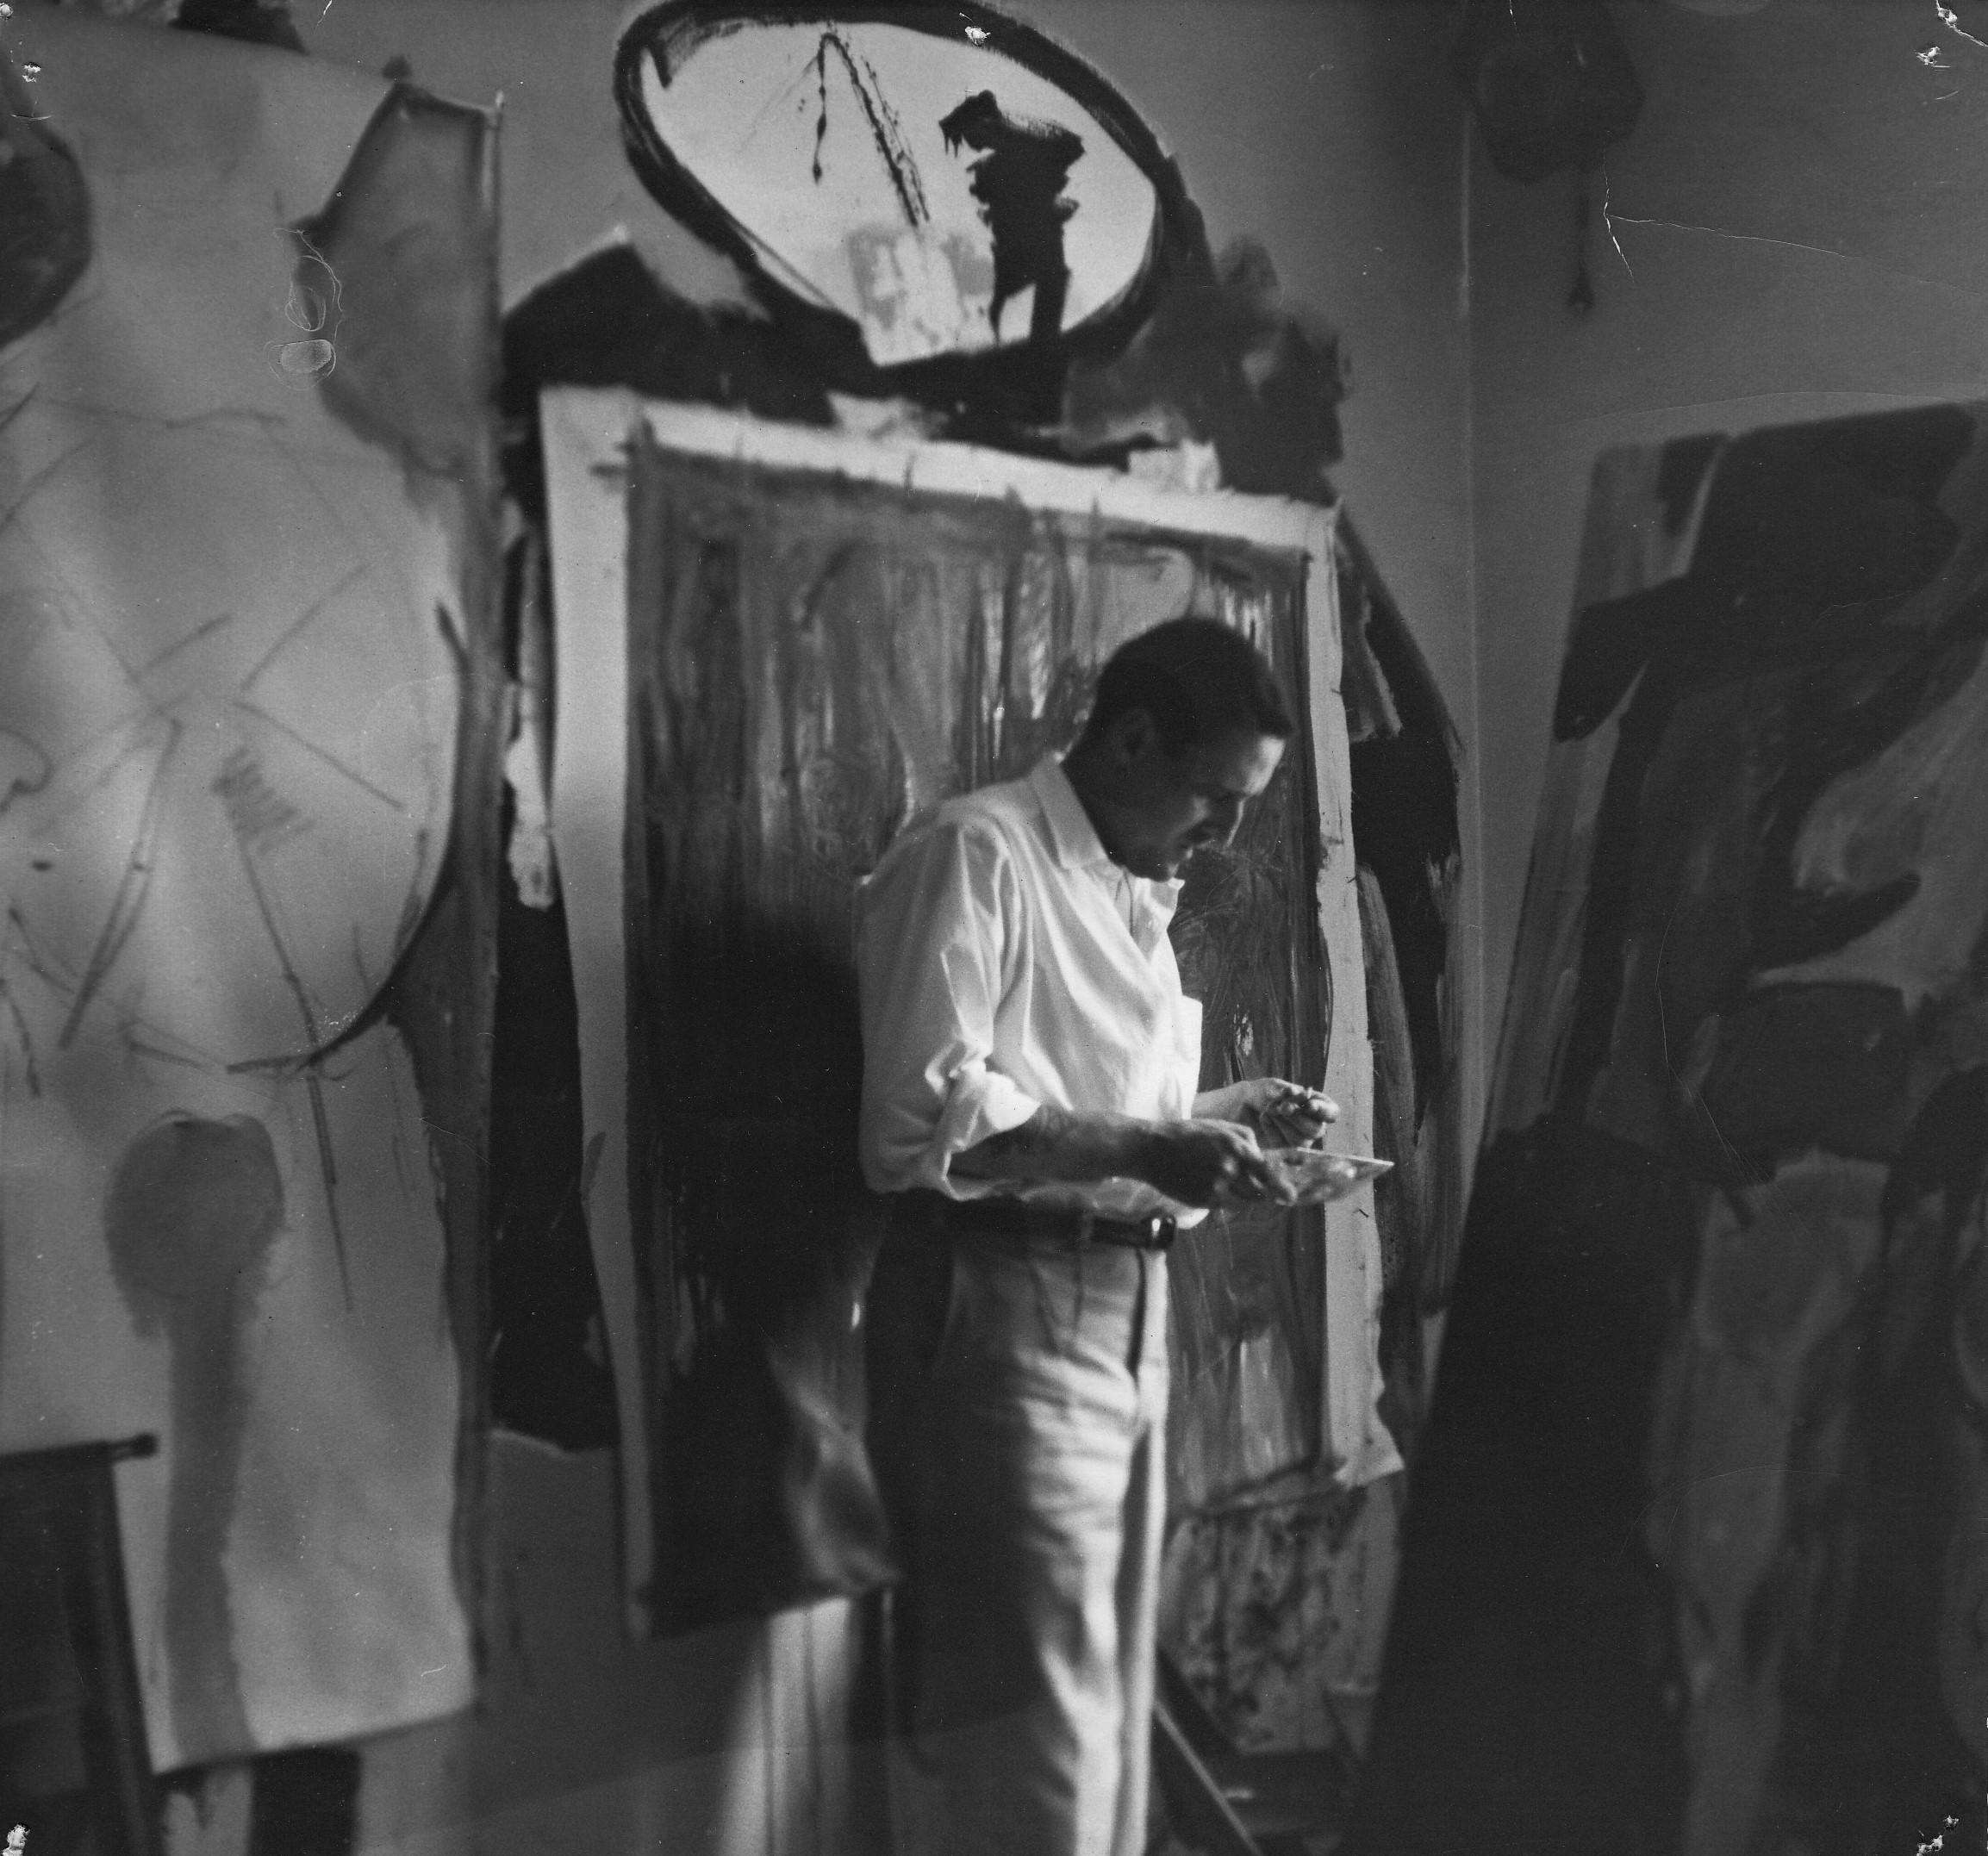 NYC Atelier mid-60s